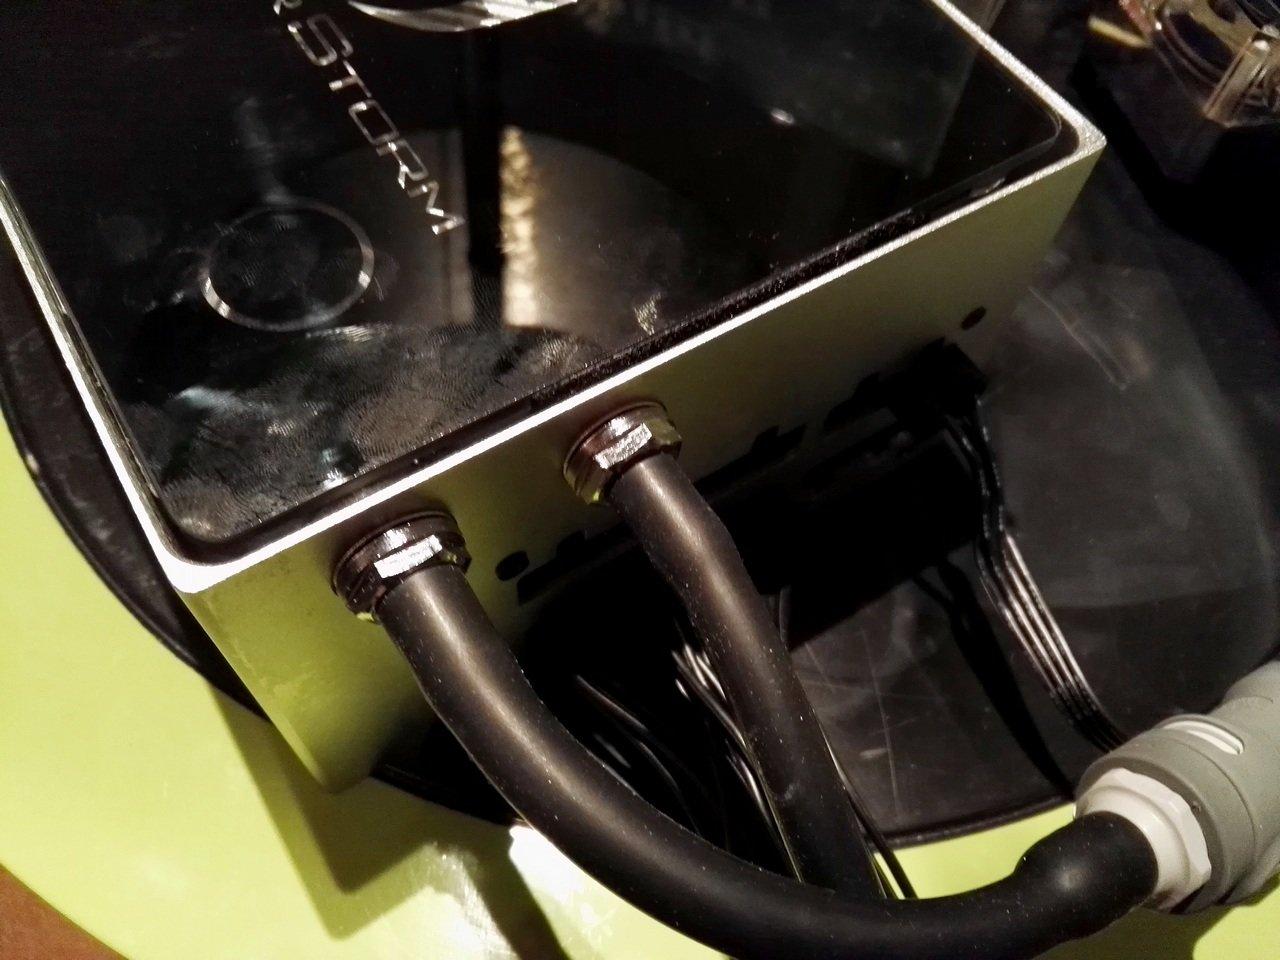 Schläuche führen zur externen Pumpe